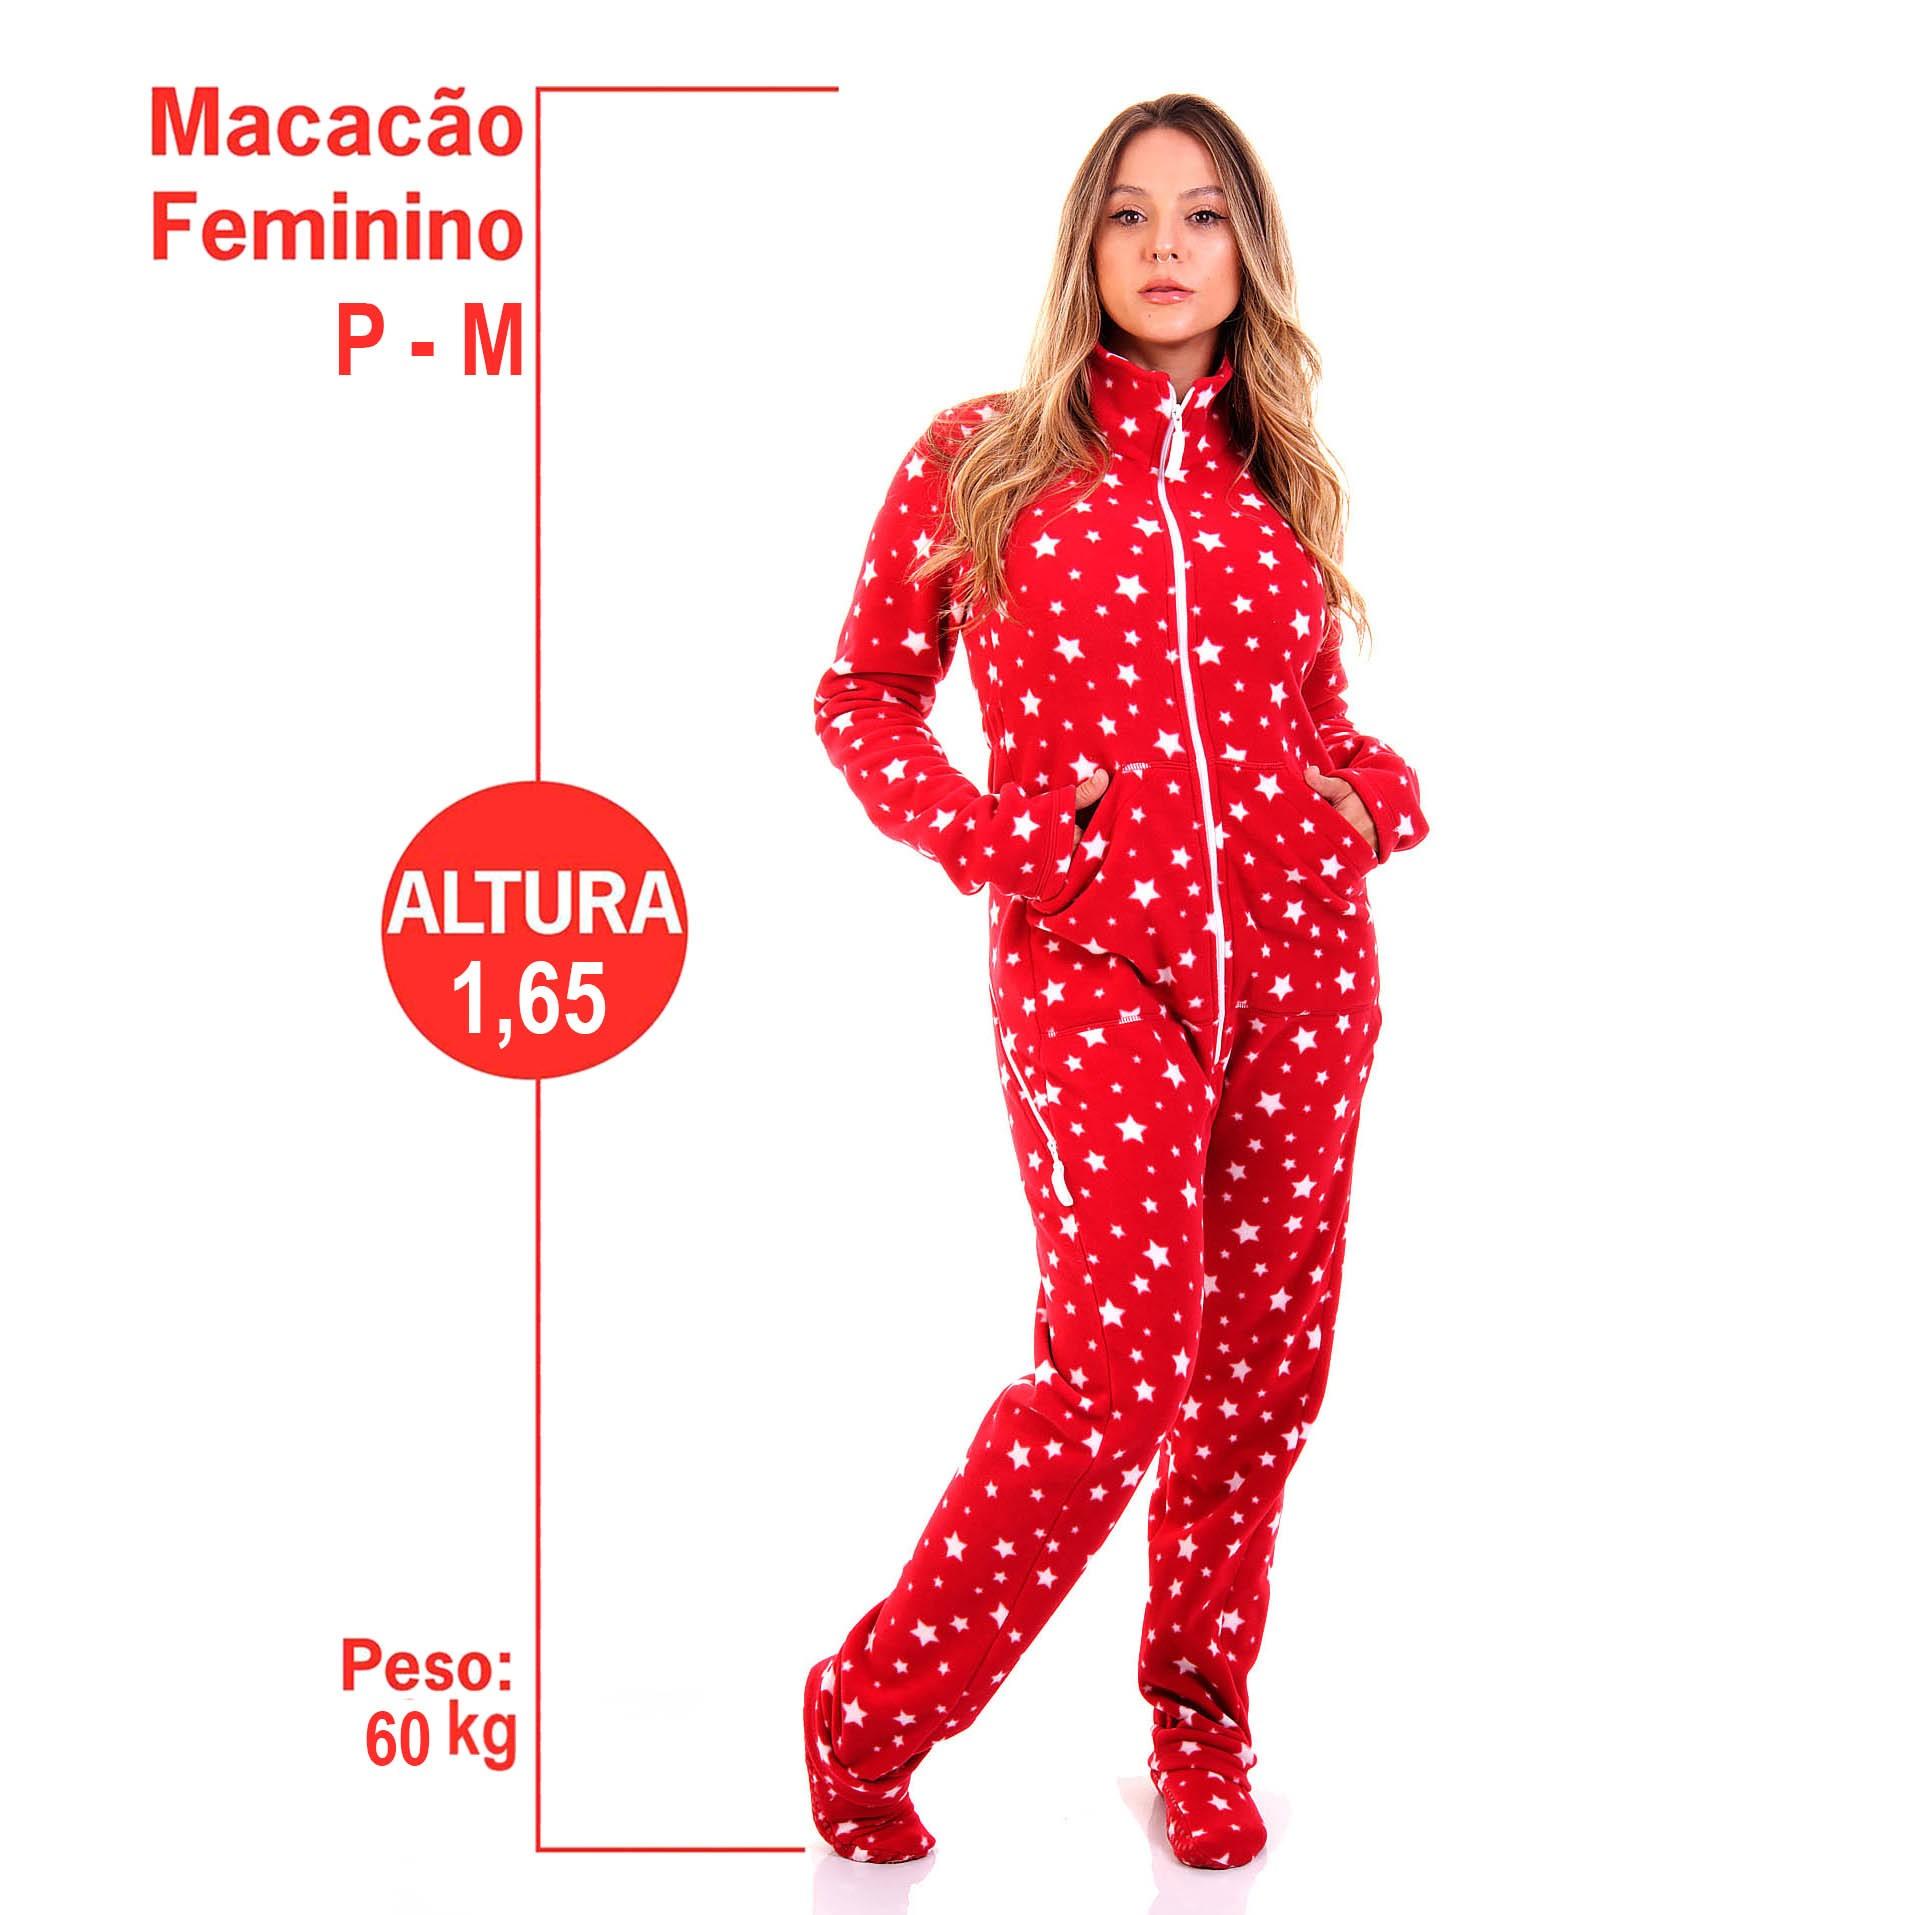 2 PEÇAS - TAL MÃE TAL FILHO (A) MACACÃO STAR VERMELHO